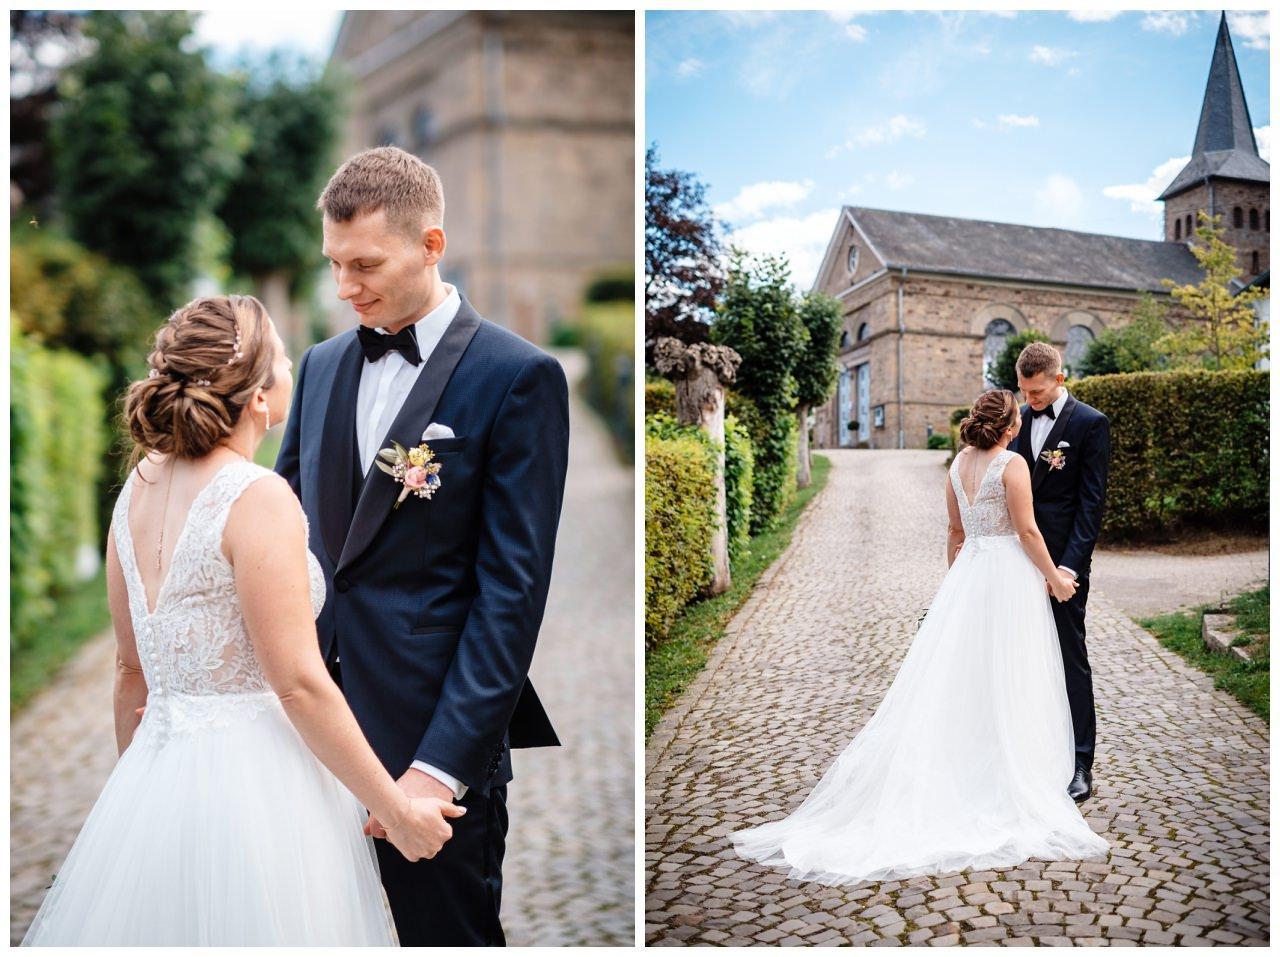 Hochzeit Delling Koeln Hochzeitsfotograf Kapelle 54 - Kirchliche Hochzeit in Kürten